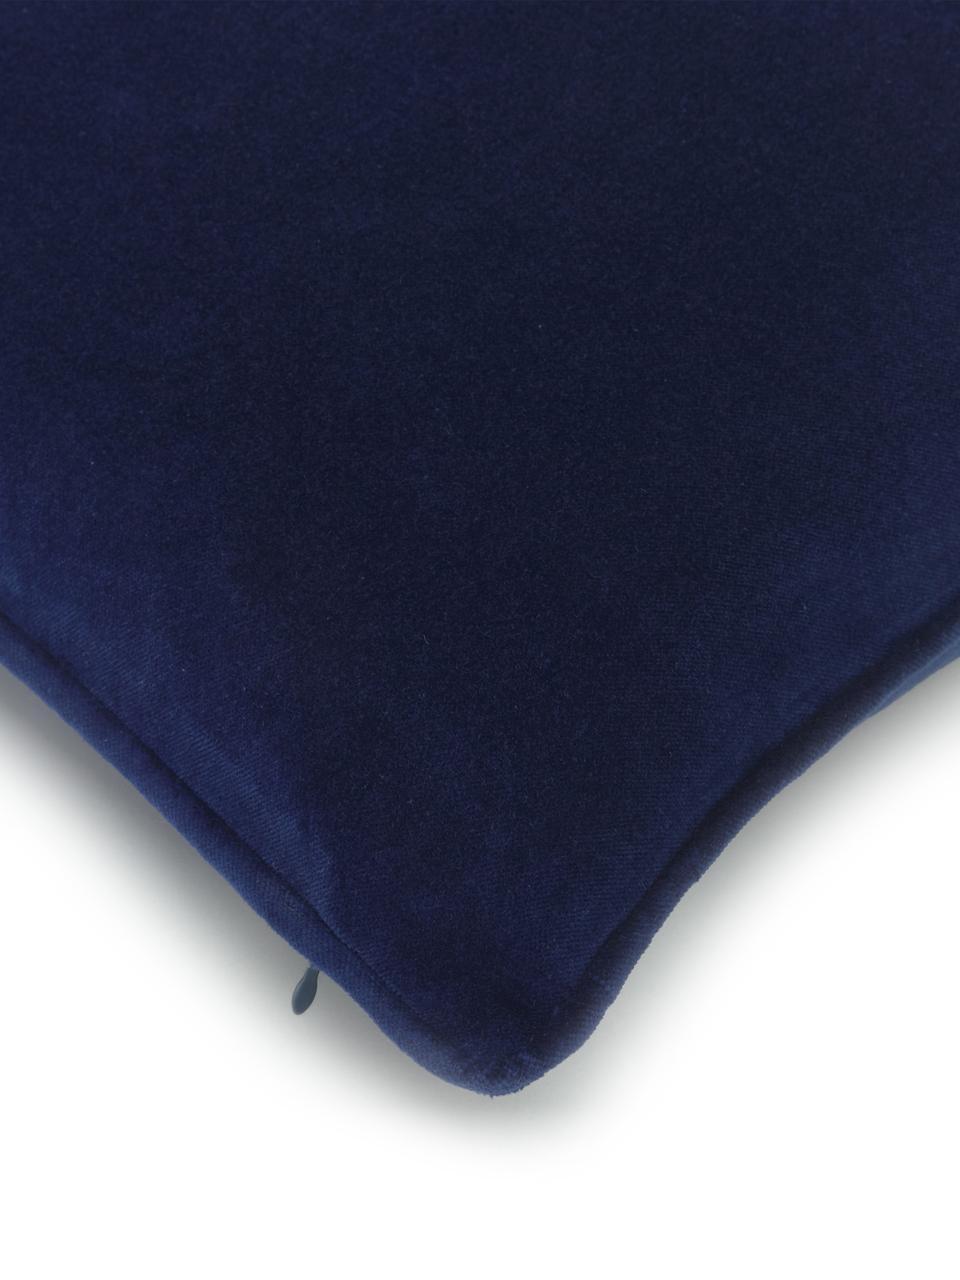 Poszewka na poduszkę z aksamitu Dana, 100% aksamit bawełniany, Marynarski granat, S 40 x D 40 cm